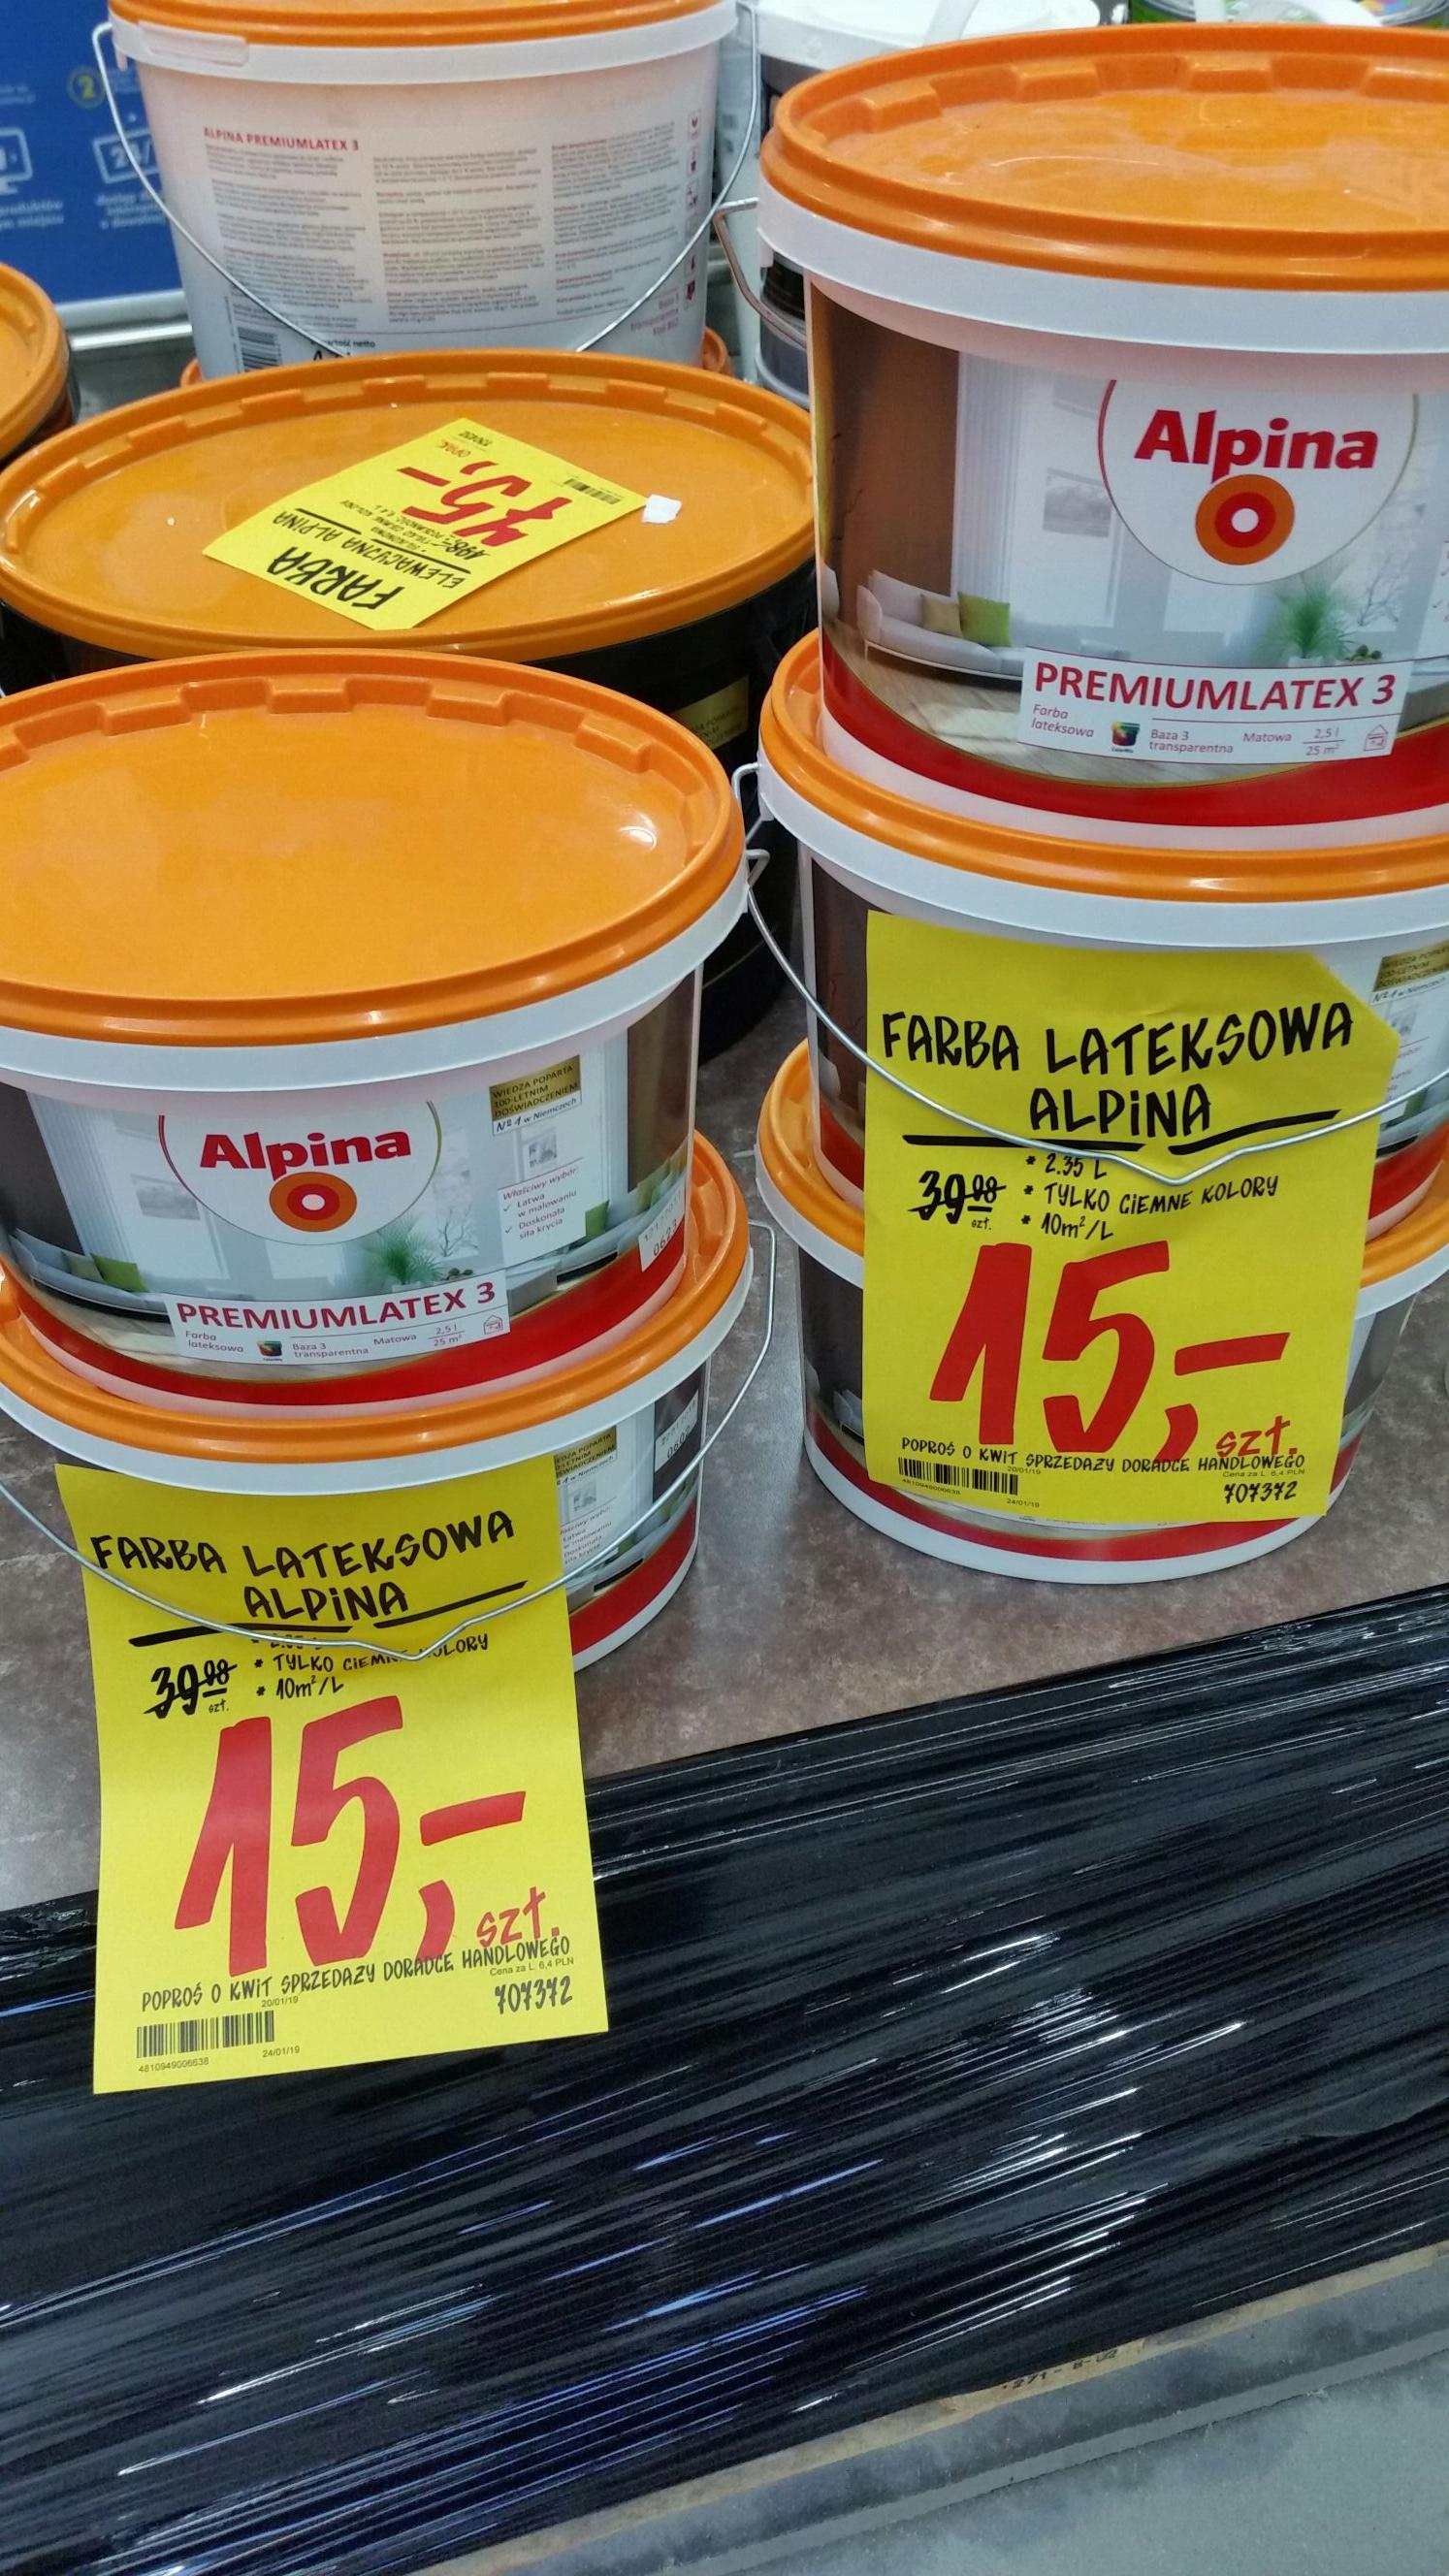 Farba lateksowa Alpina 2,35L.  Castorama Toruń